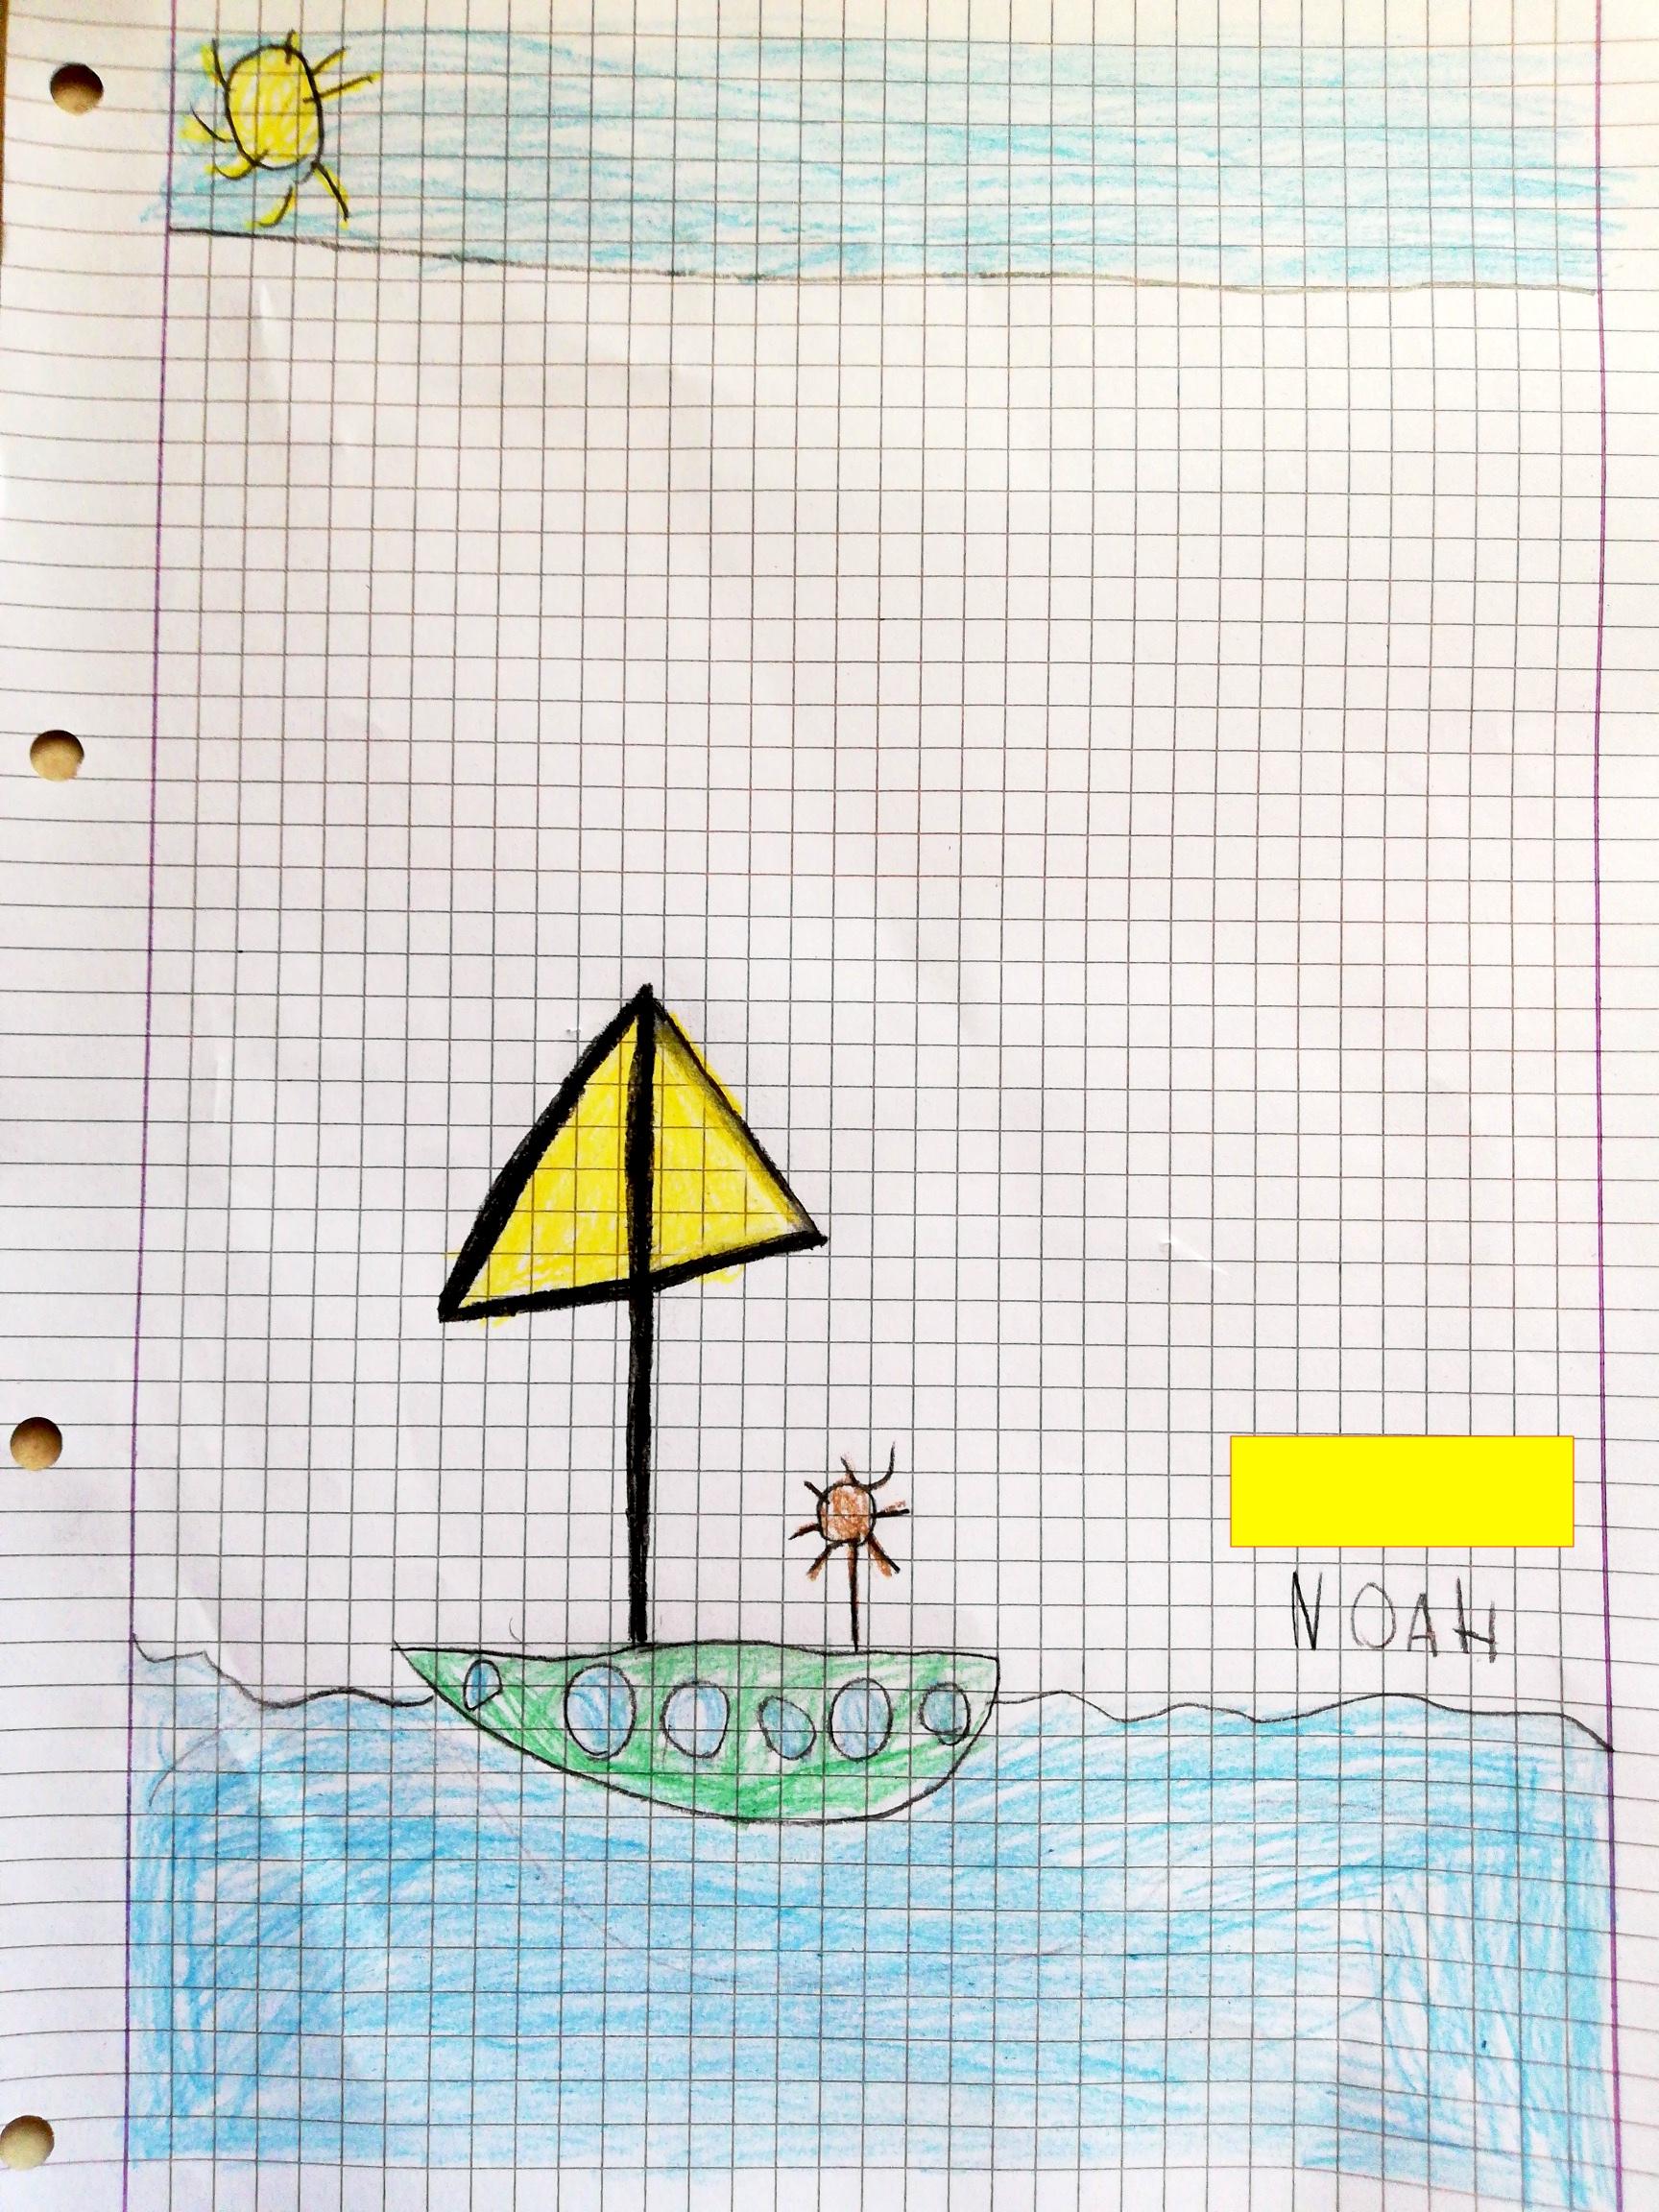 Un 4 in barca (Noah)